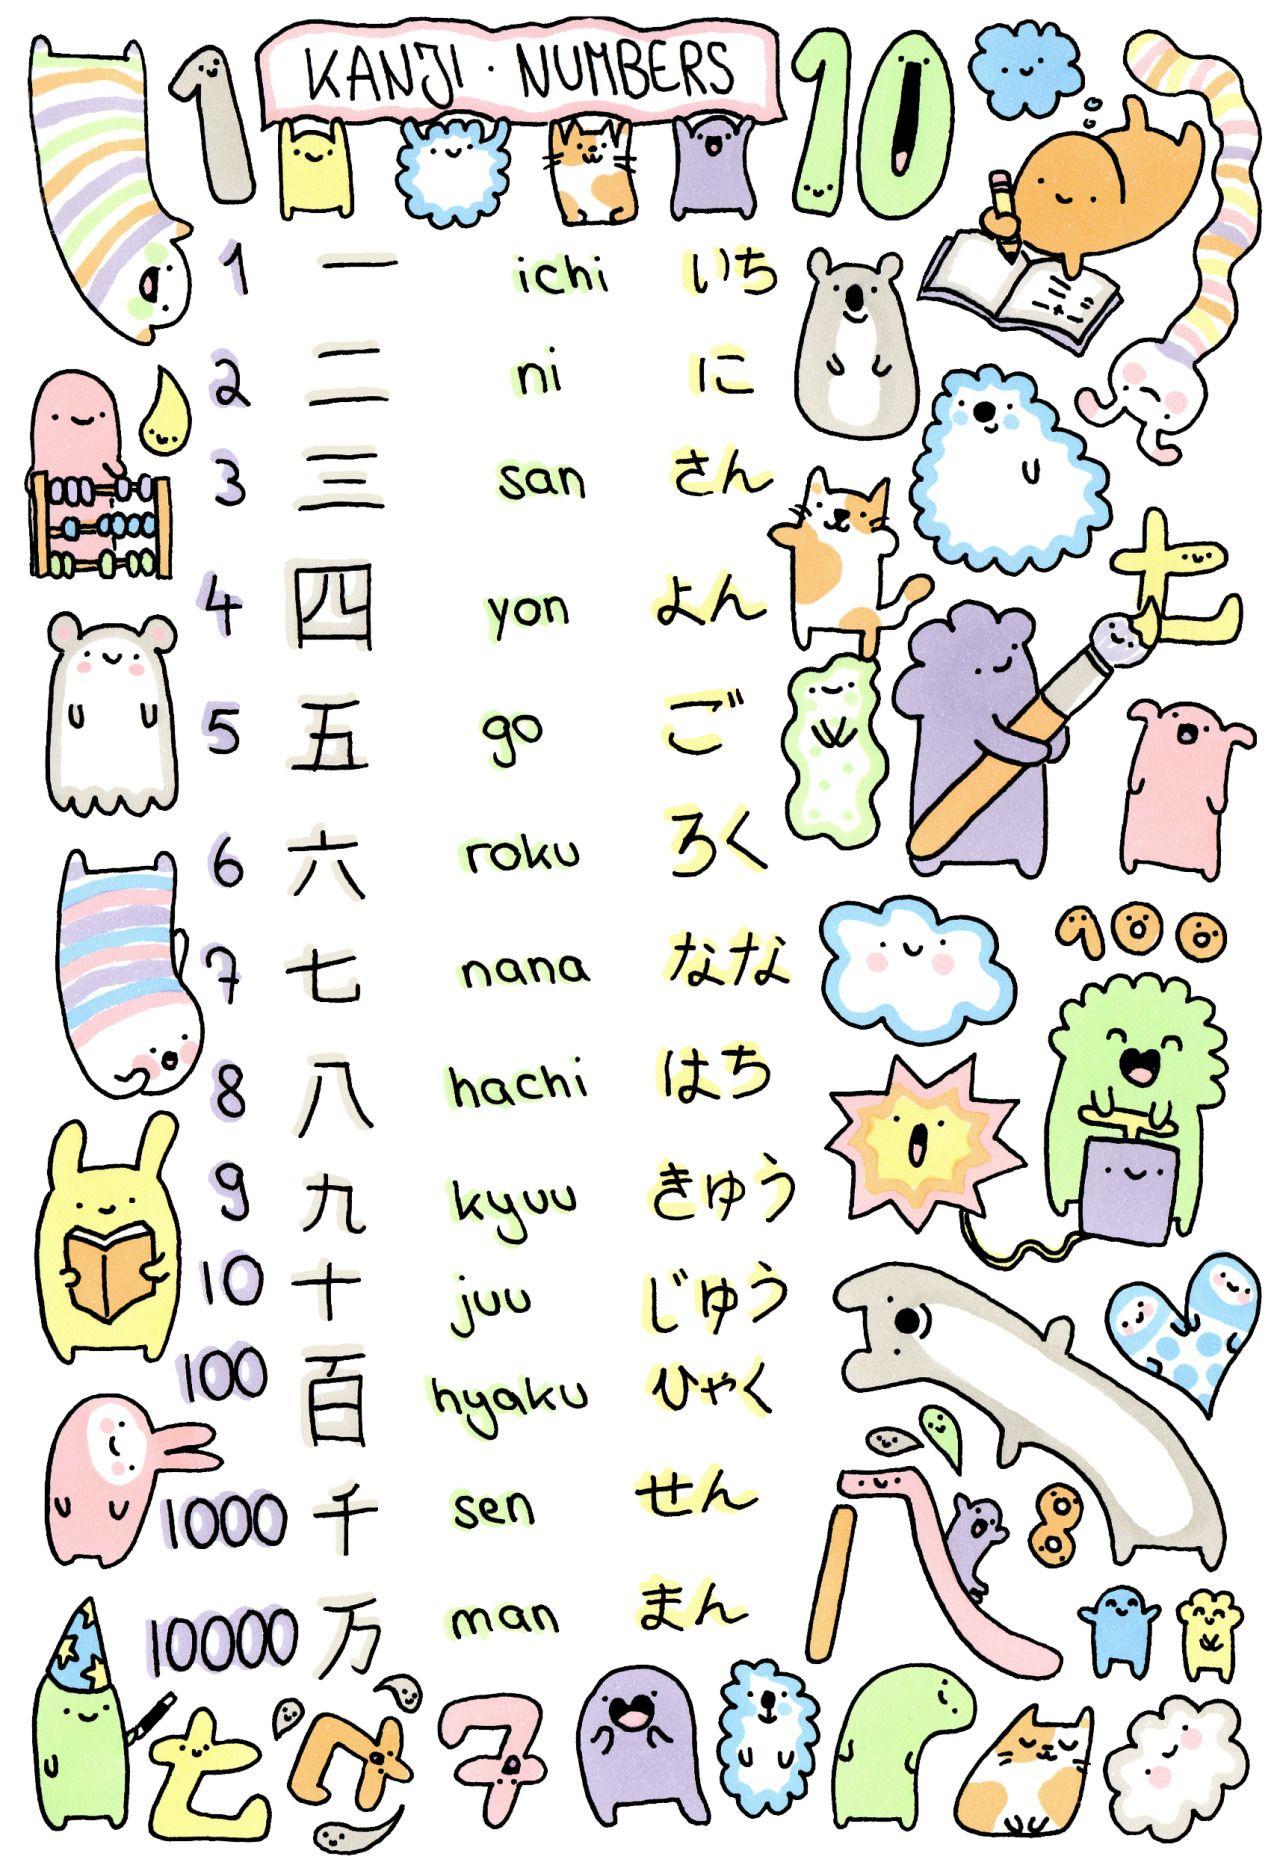 Language Japanese Kanji Numbers Original Source Kirakiradoodles Doodles